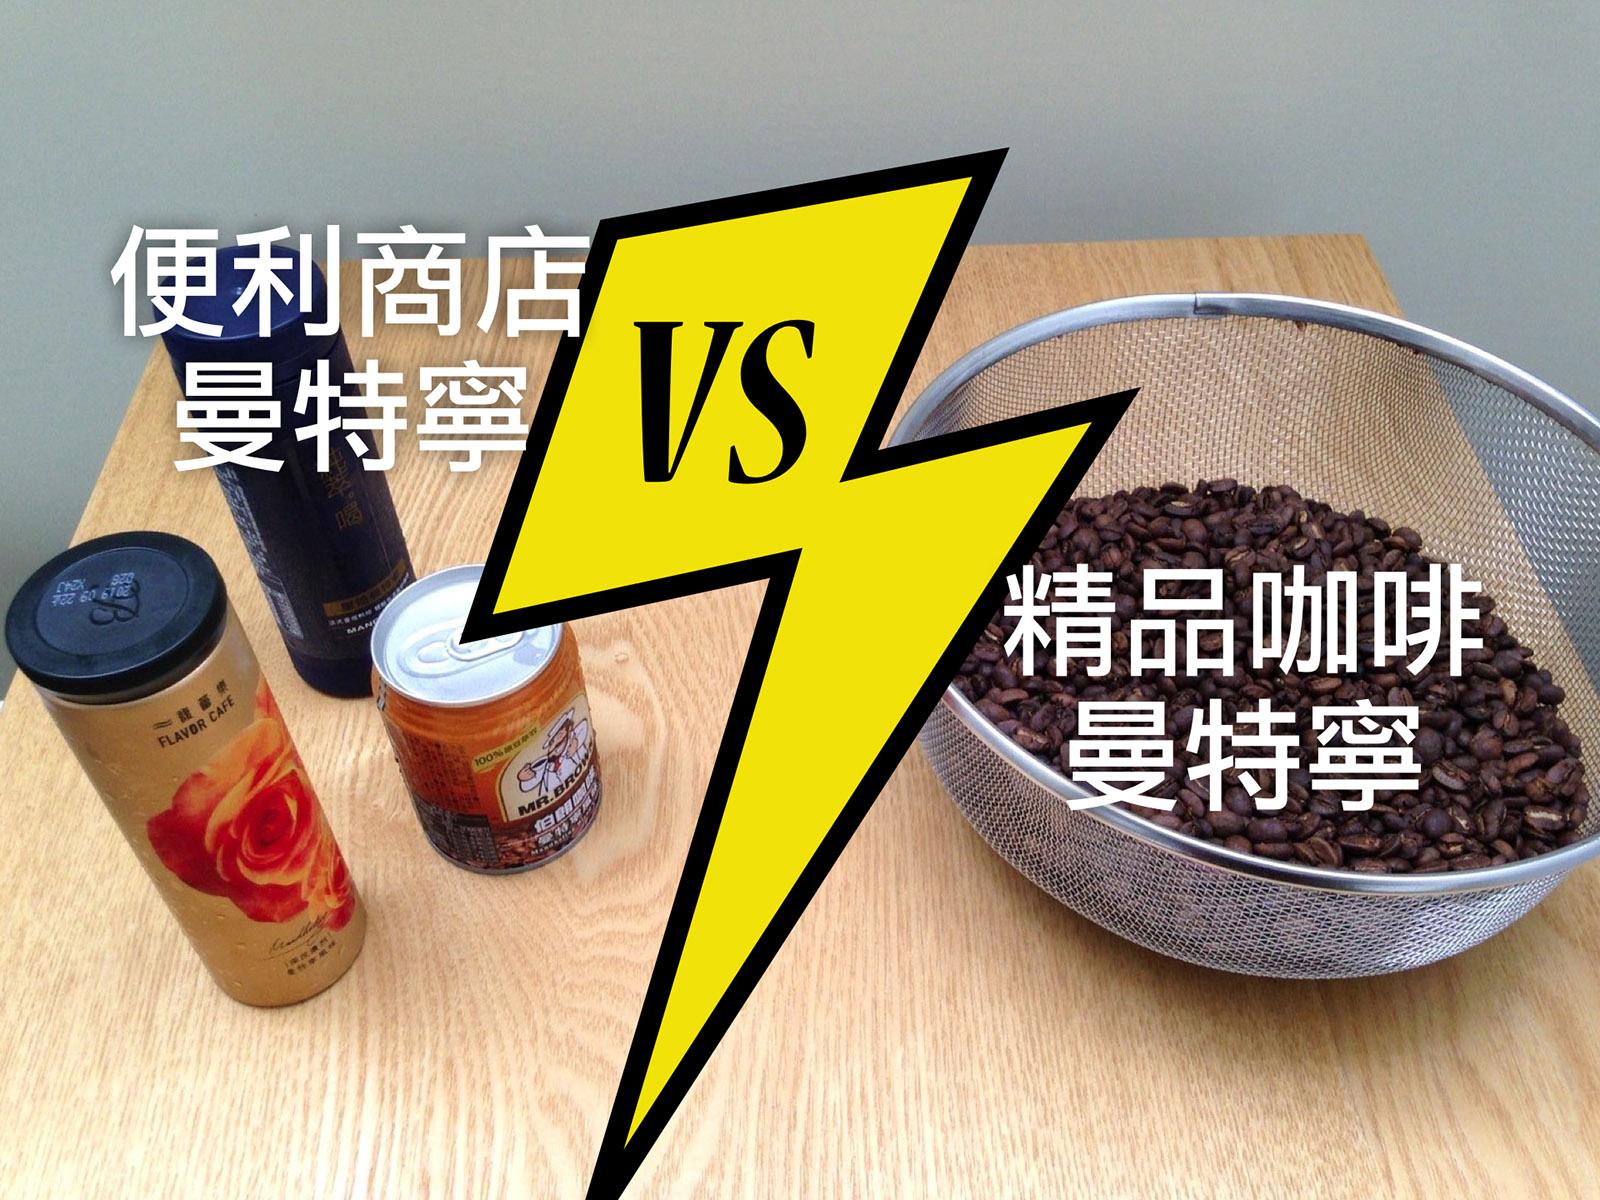 ★ 精品咖啡曼特寧 vs 罐裝咖啡曼特寧 ★ 大亂鬥!